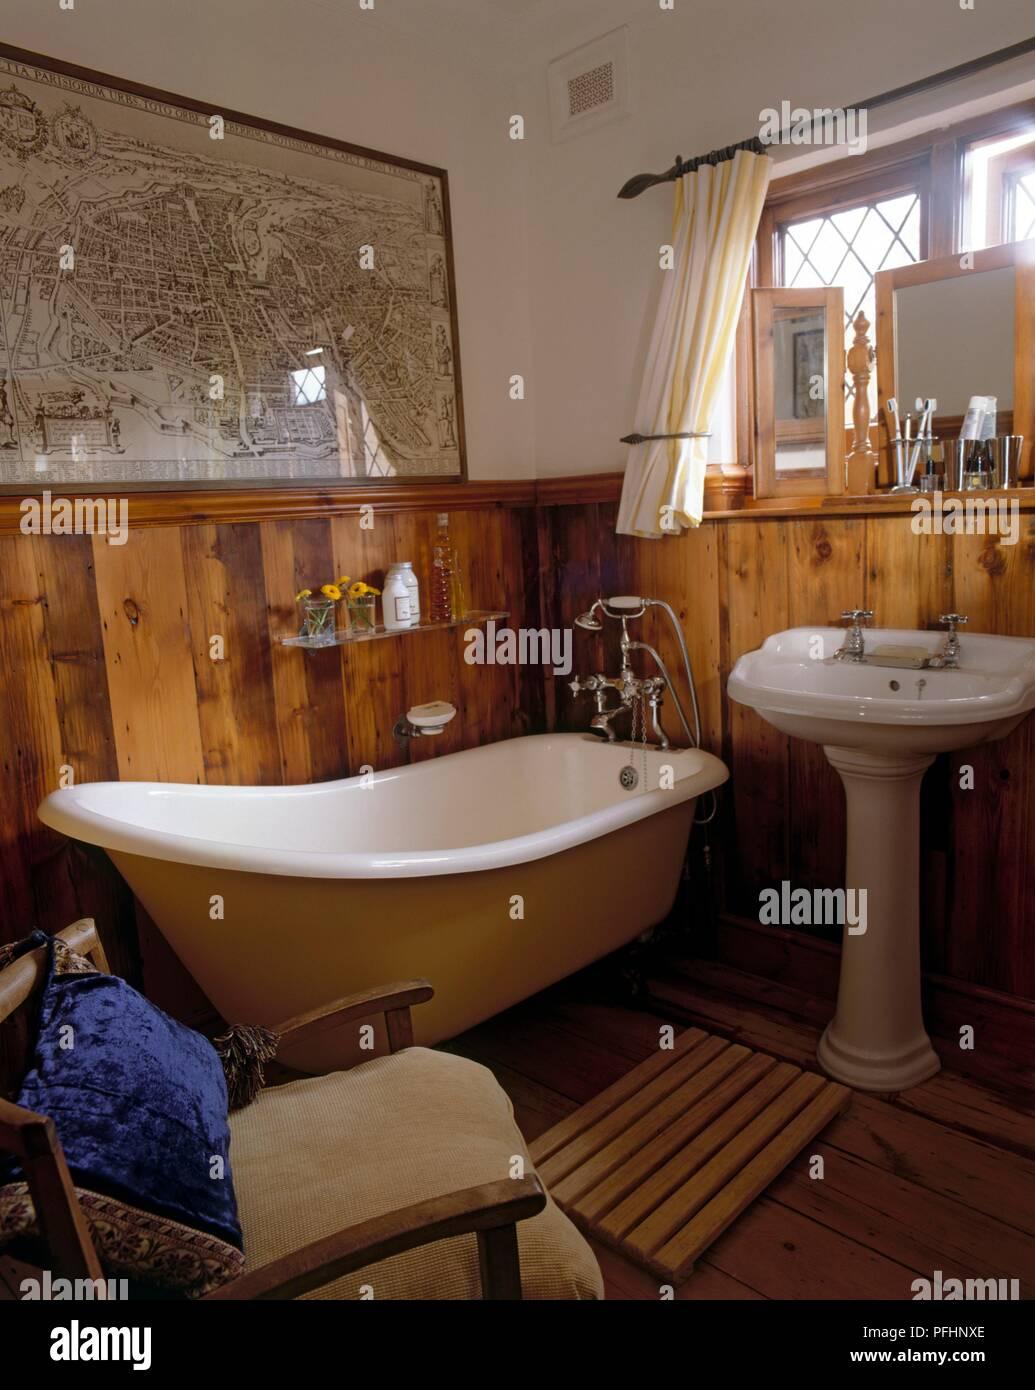 Salle De Bain Avec Baignoire salle de bains avec baignoire, lavabo et un fauteuil, et une